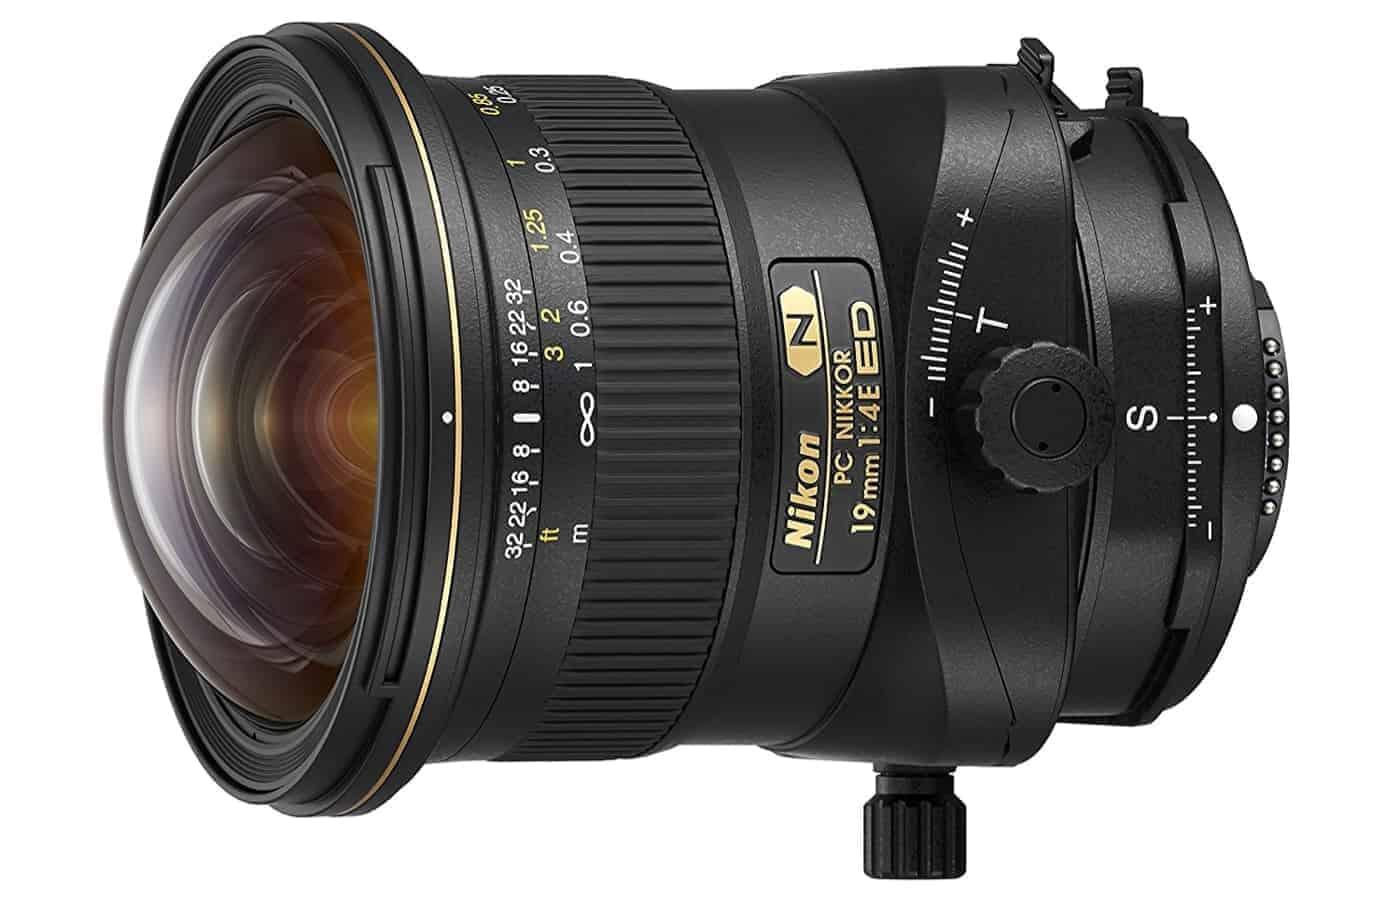 Nikon PC NIKKOR 19mm f/4E ED Best Lenses for Full Frame Real Estate Cameras